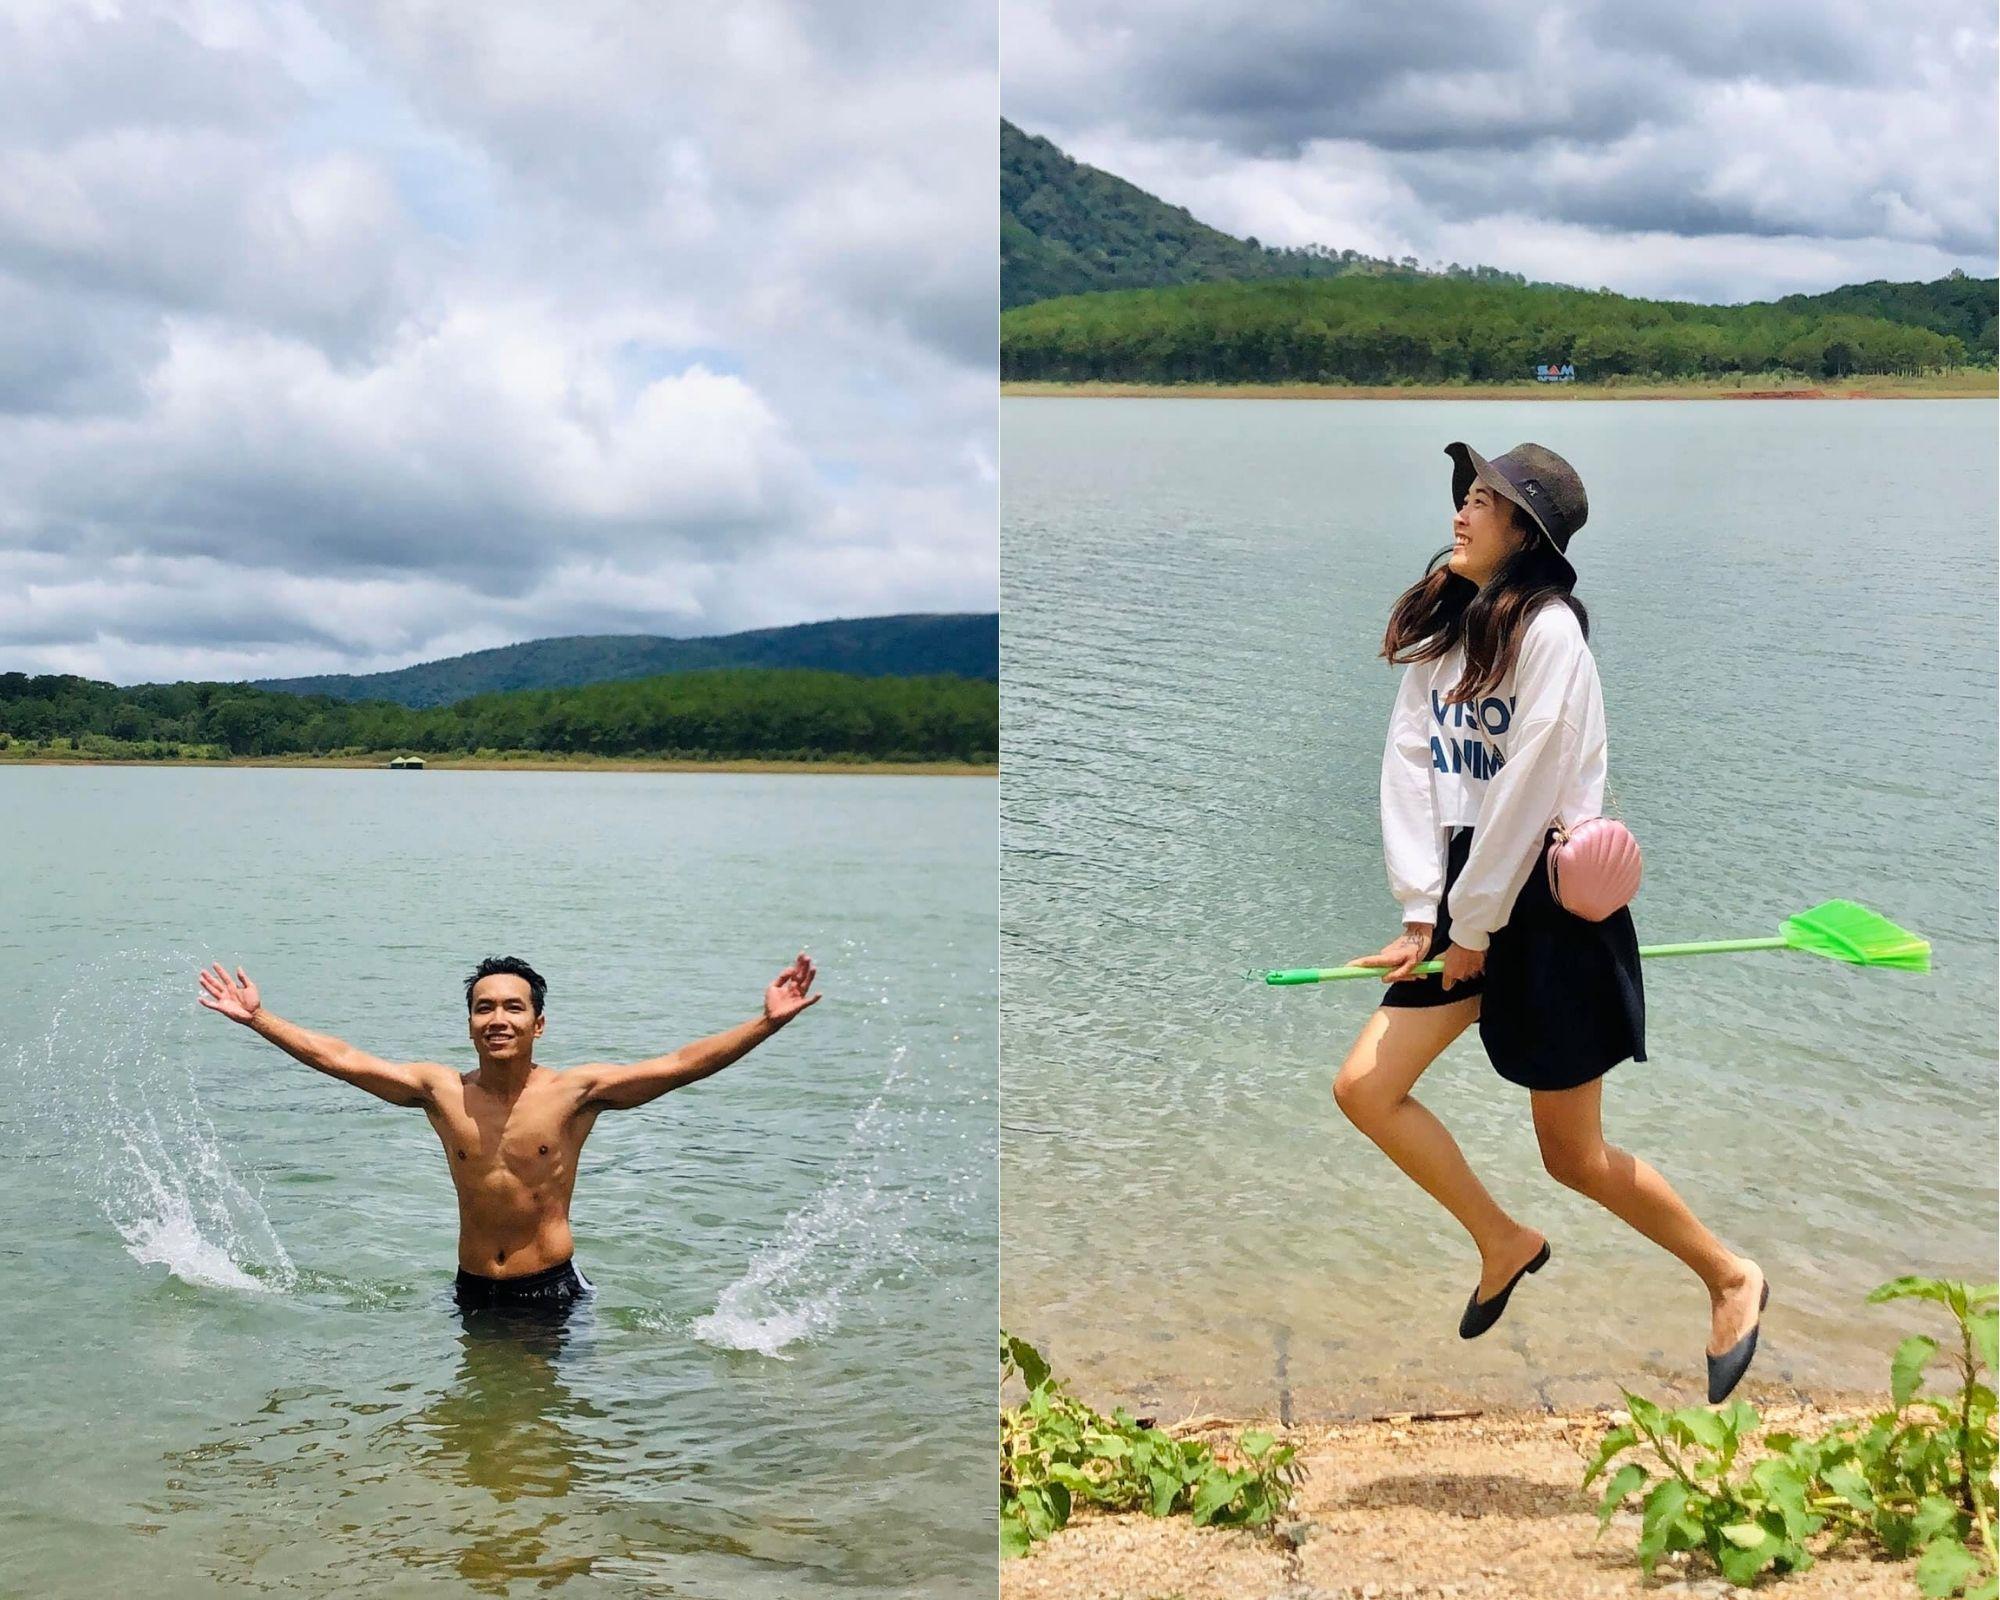 cặp vợ chồng trẻ tình nguyện dọn rác hồ Tuyền Lâm